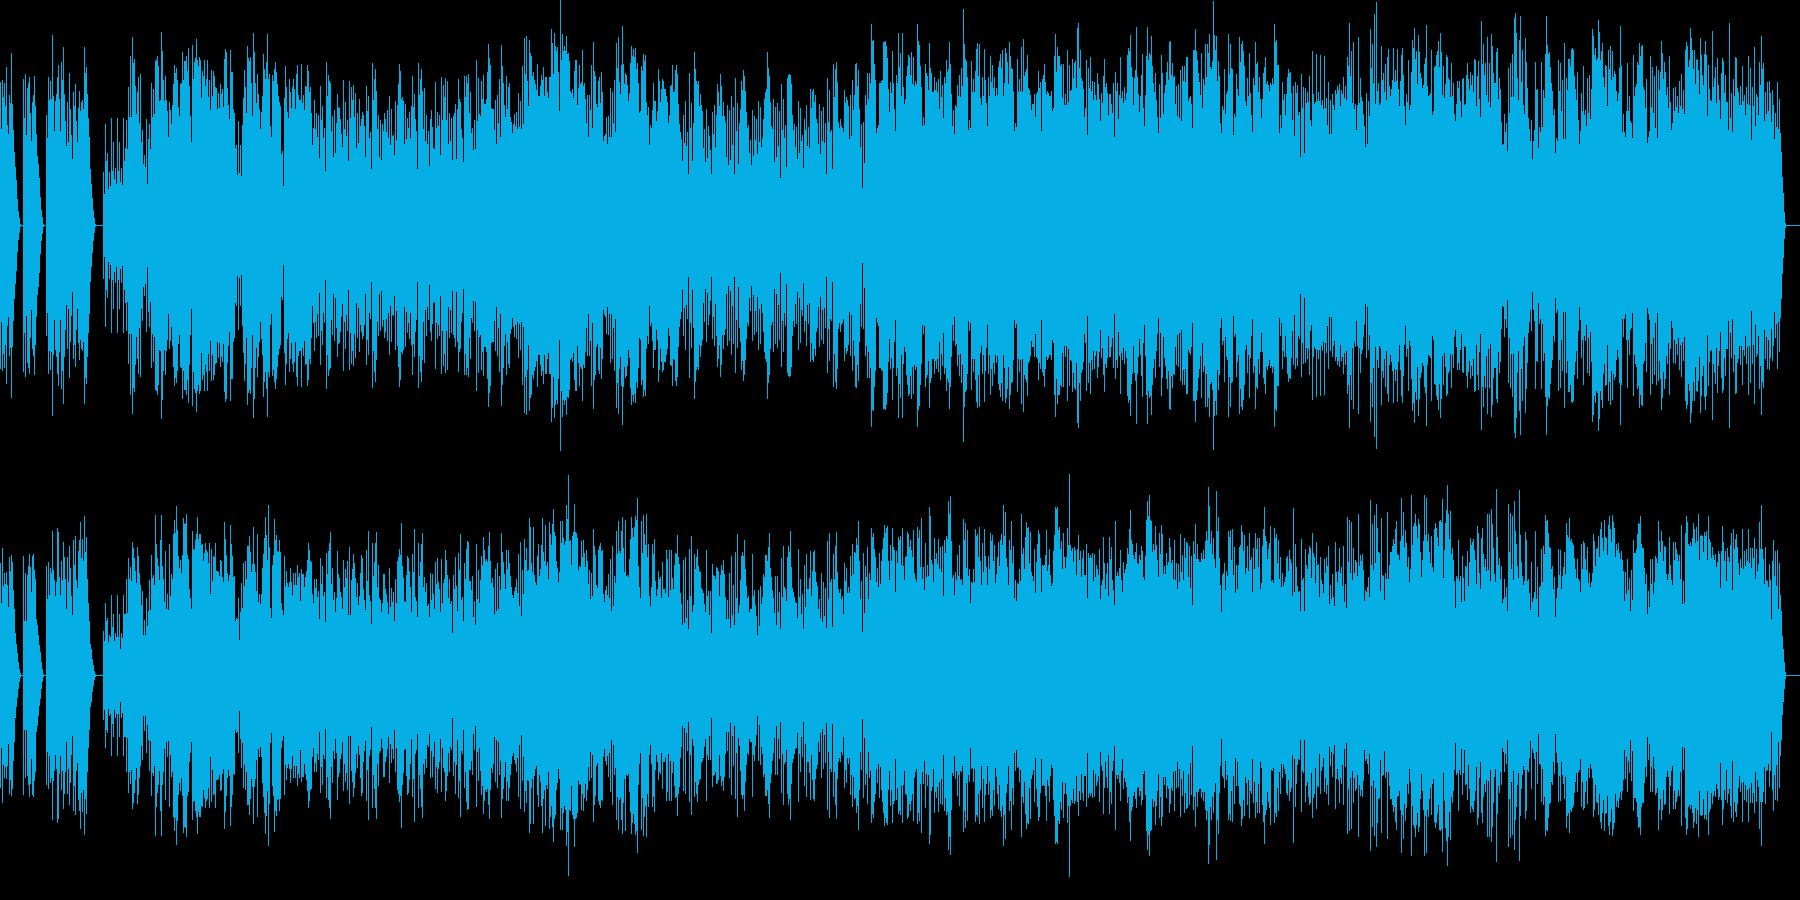 第8曲 花のワルツ(オルゴール)の再生済みの波形